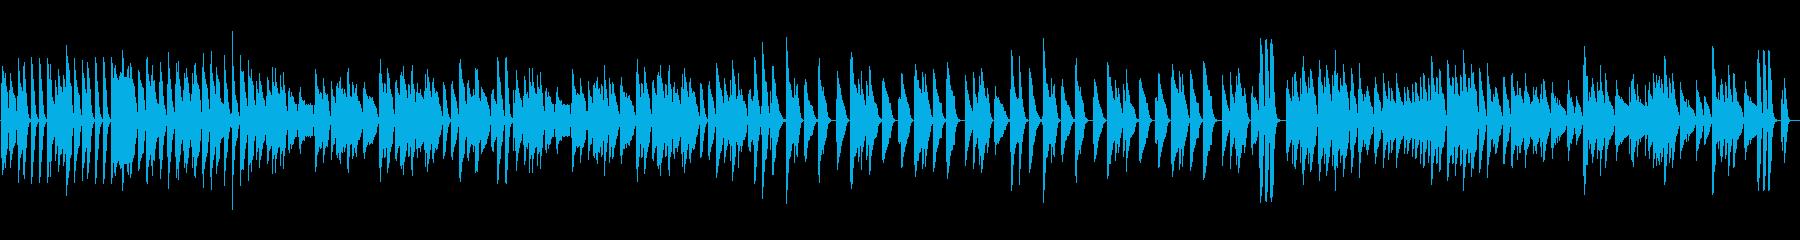 ピアノ元気明るいスキップリズムの再生済みの波形